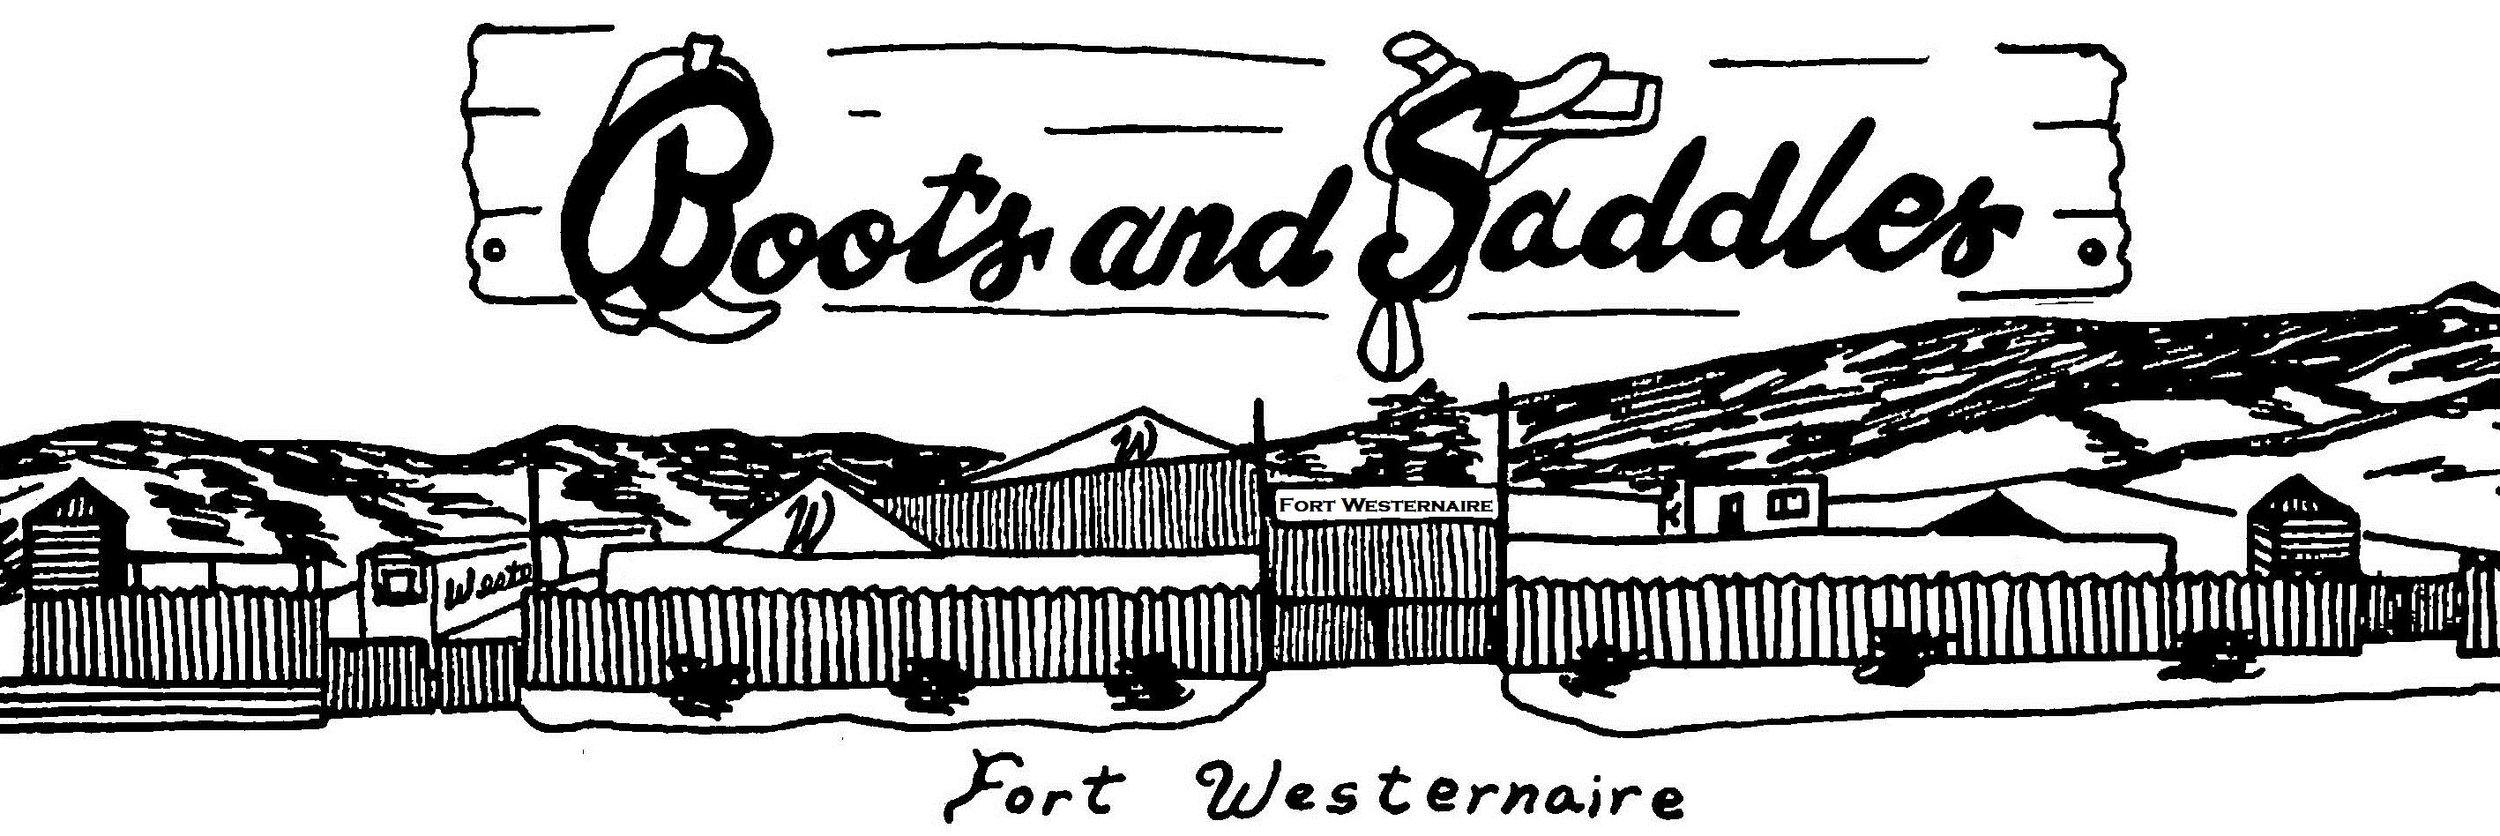 B&S Masthead w Drawn Fort 1980s 2.jpg